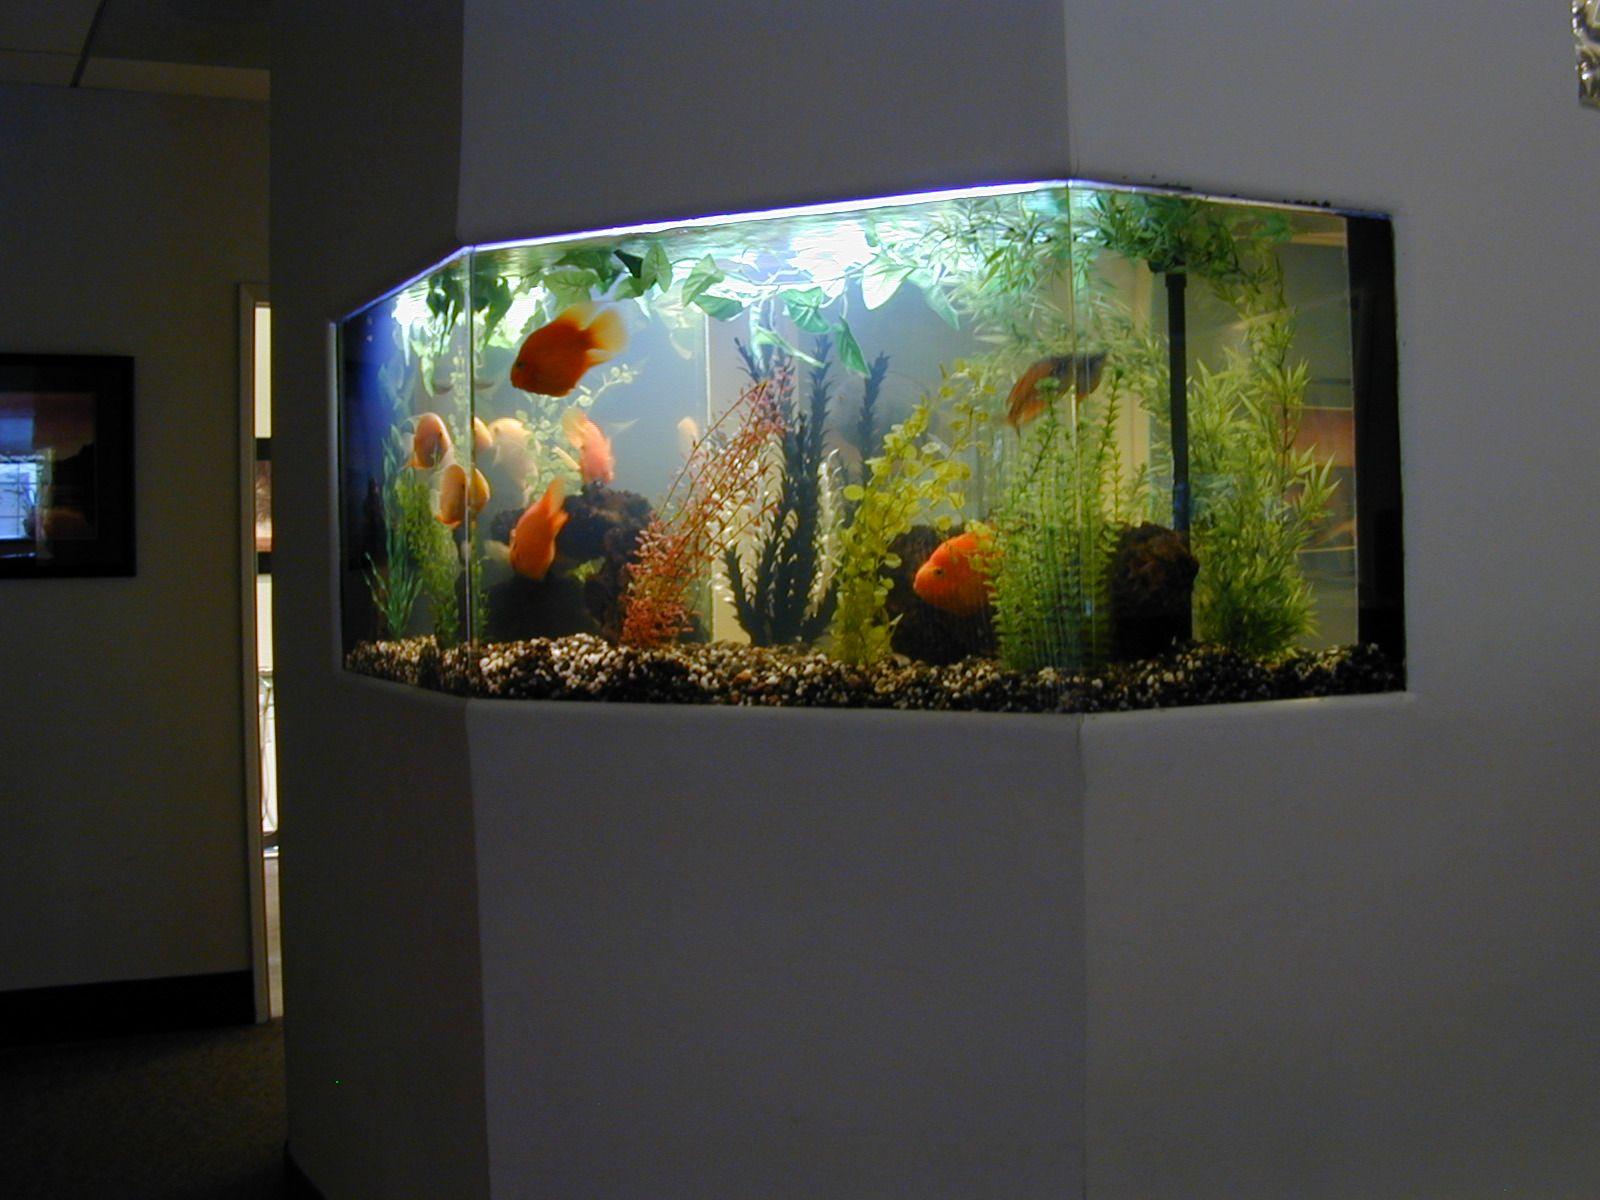 35 unusual aquariums and custom tropical fish tanks for unique interior design fish tanks